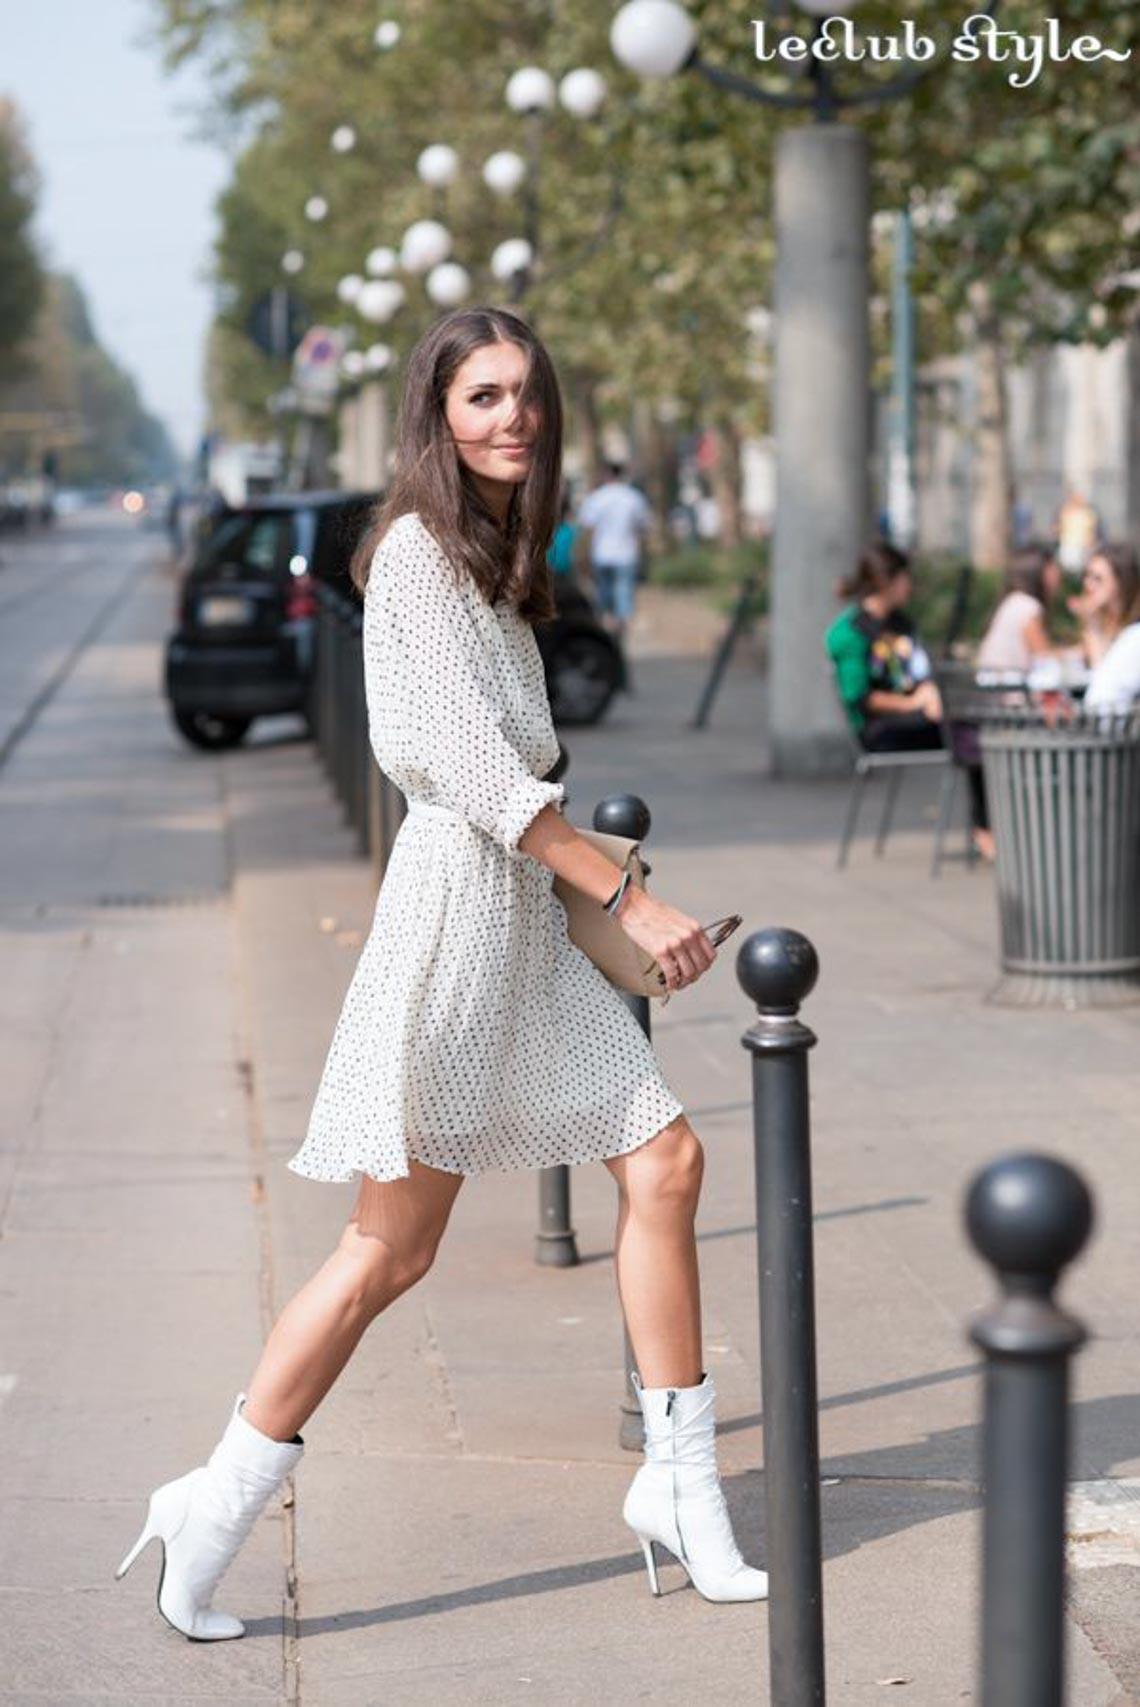 Các màu sắc trang phục giúp cải thiện tâm trạng tốt hơn -1